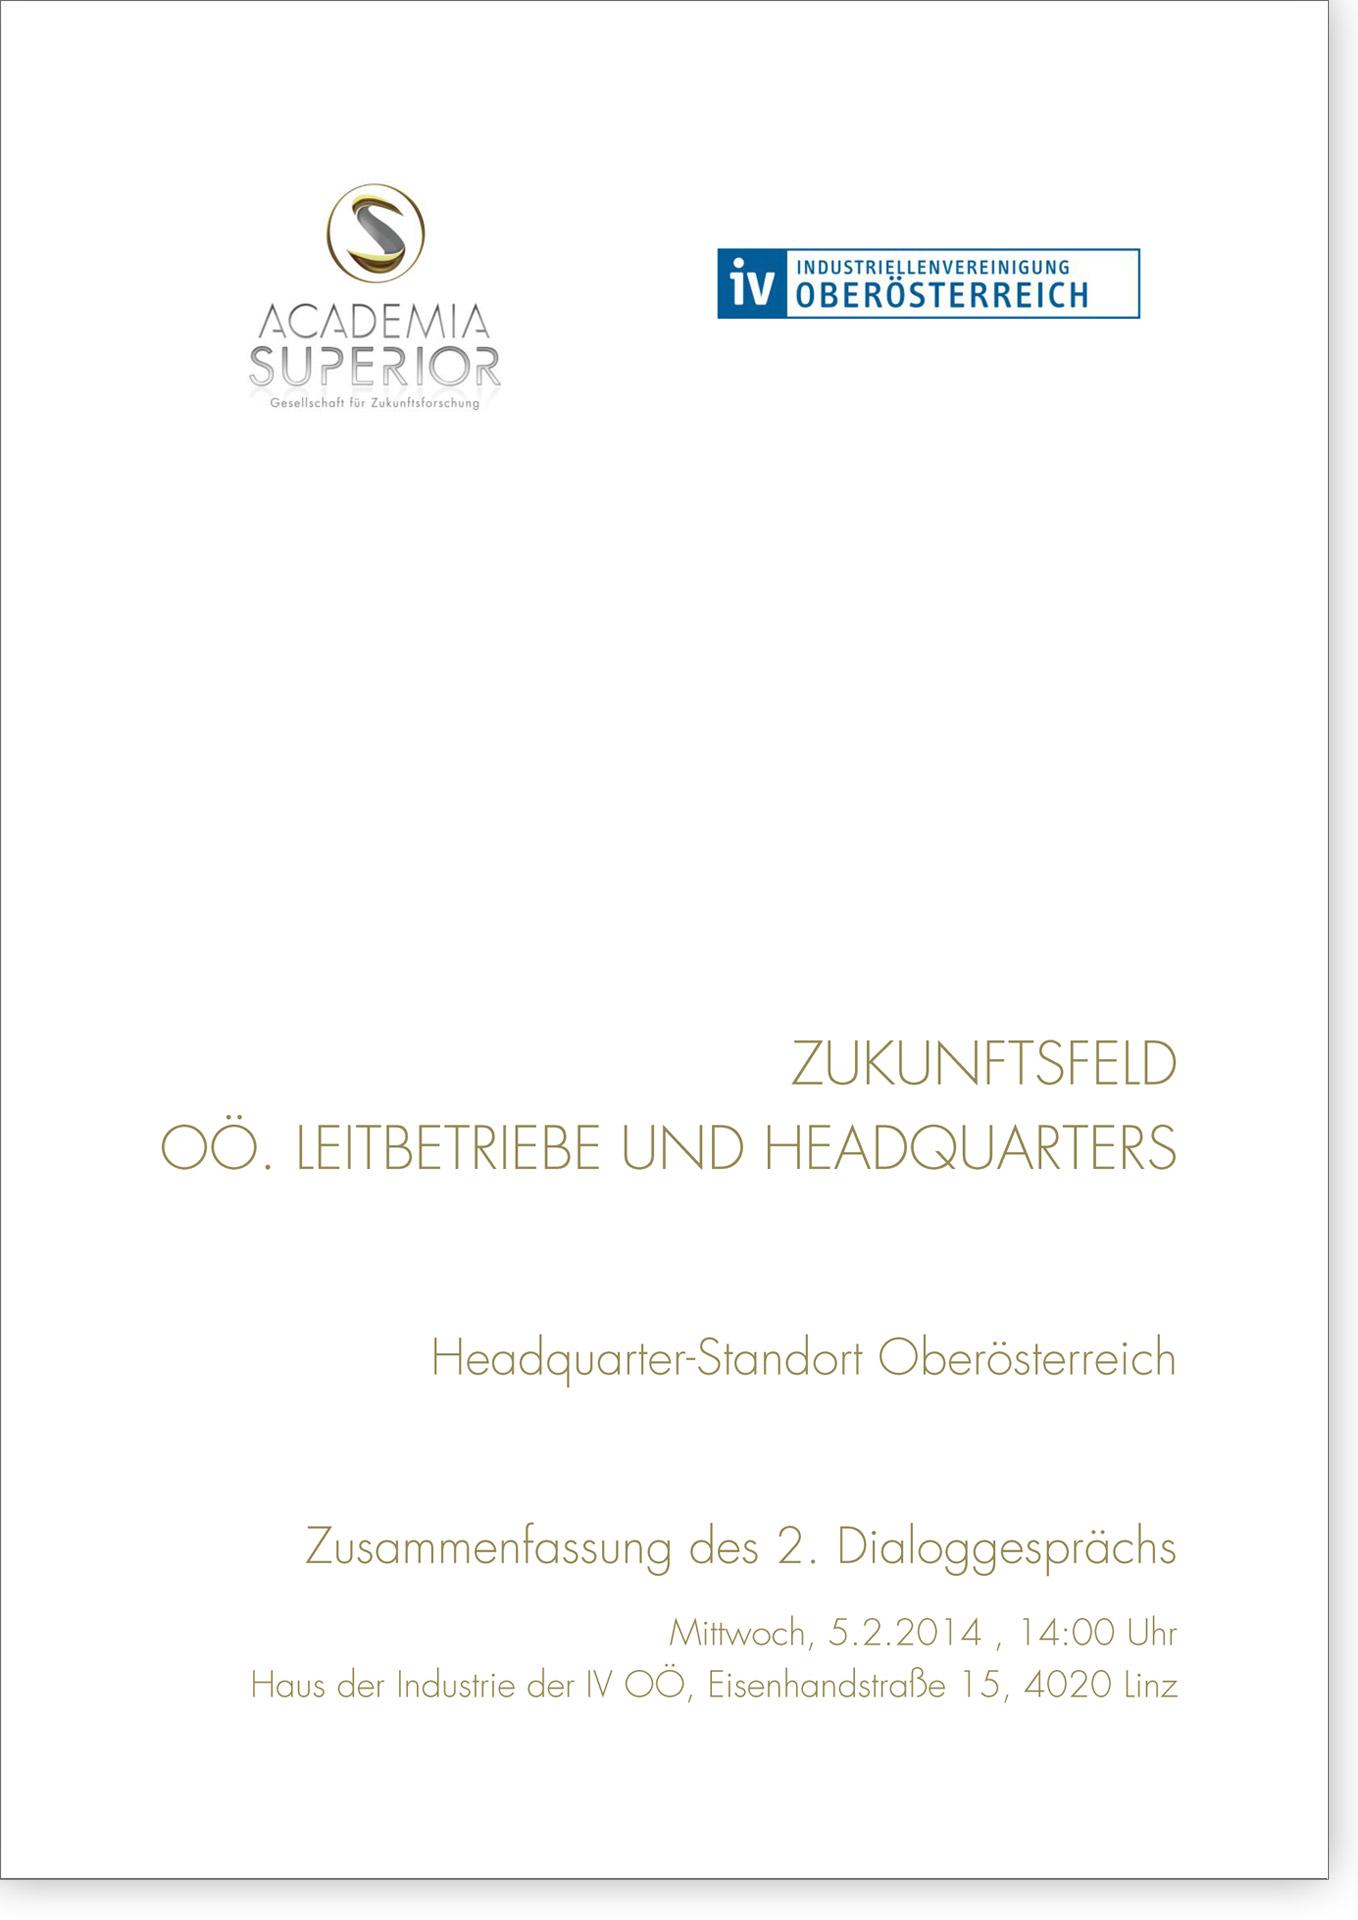 Cover Dialoggespräch Headquarter-Standort Oberösterreich